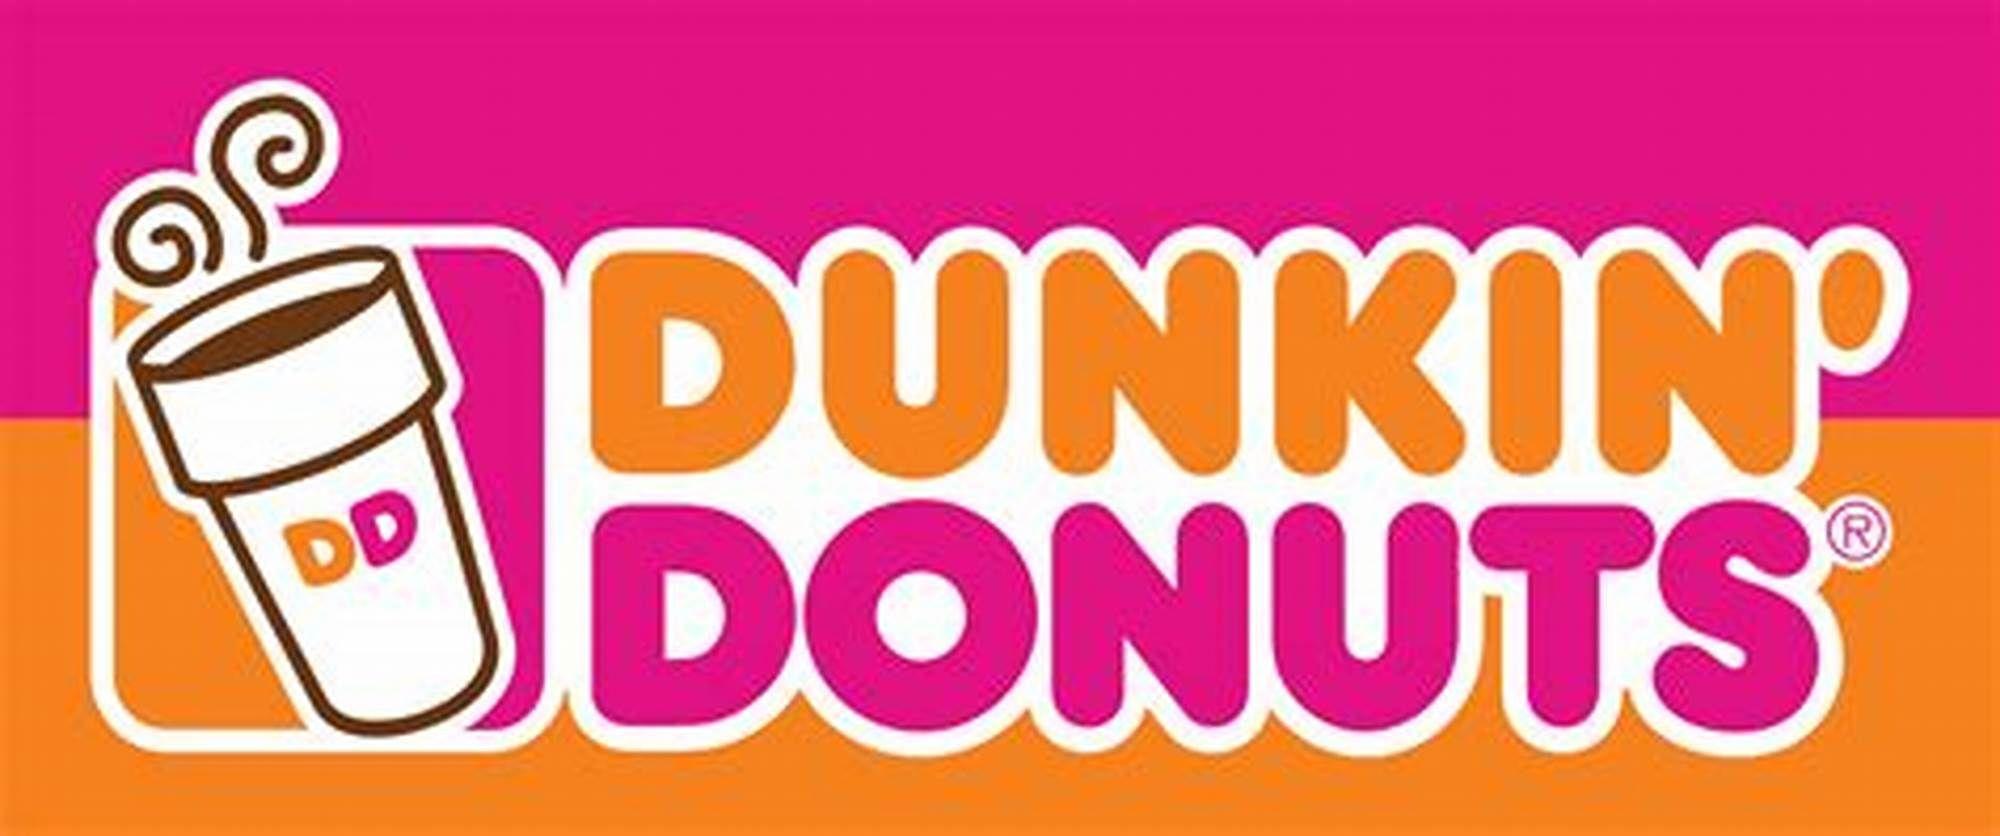 Dunkin Donuts Mukbang   Donut logo, Dunkin donuts, Dunkin